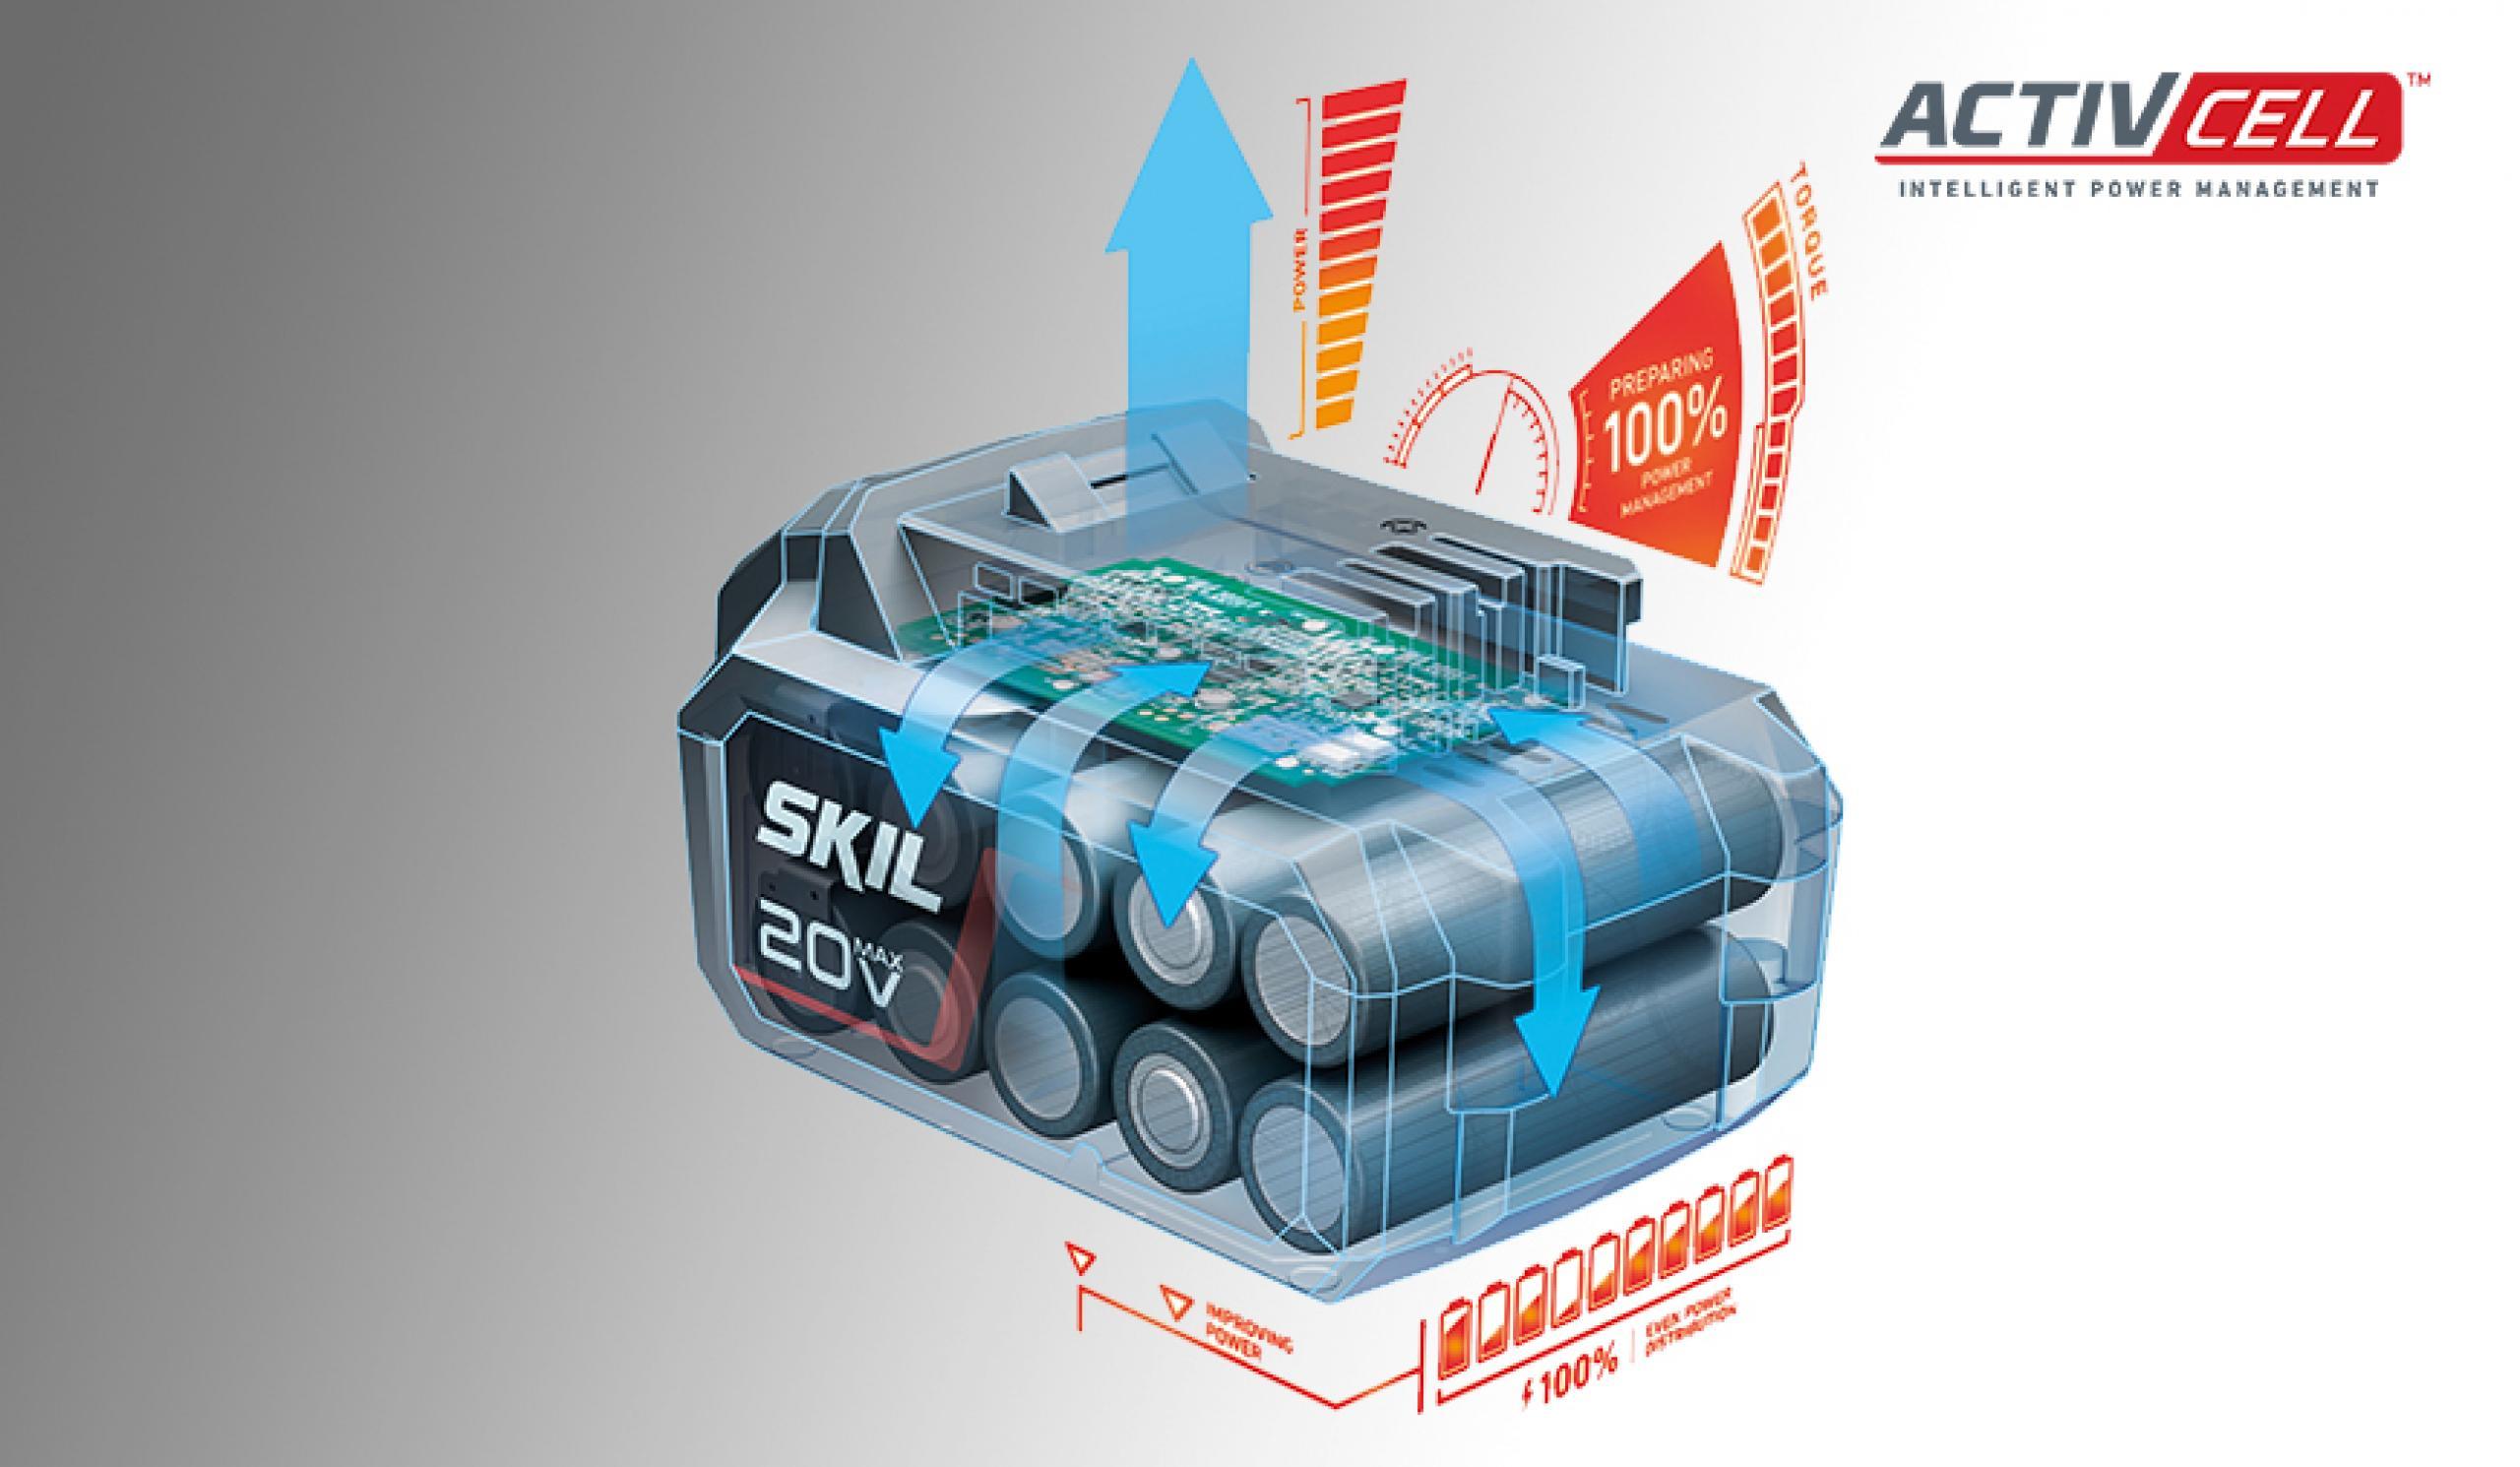 ActivCell™: Inteligentné riadenie napájania